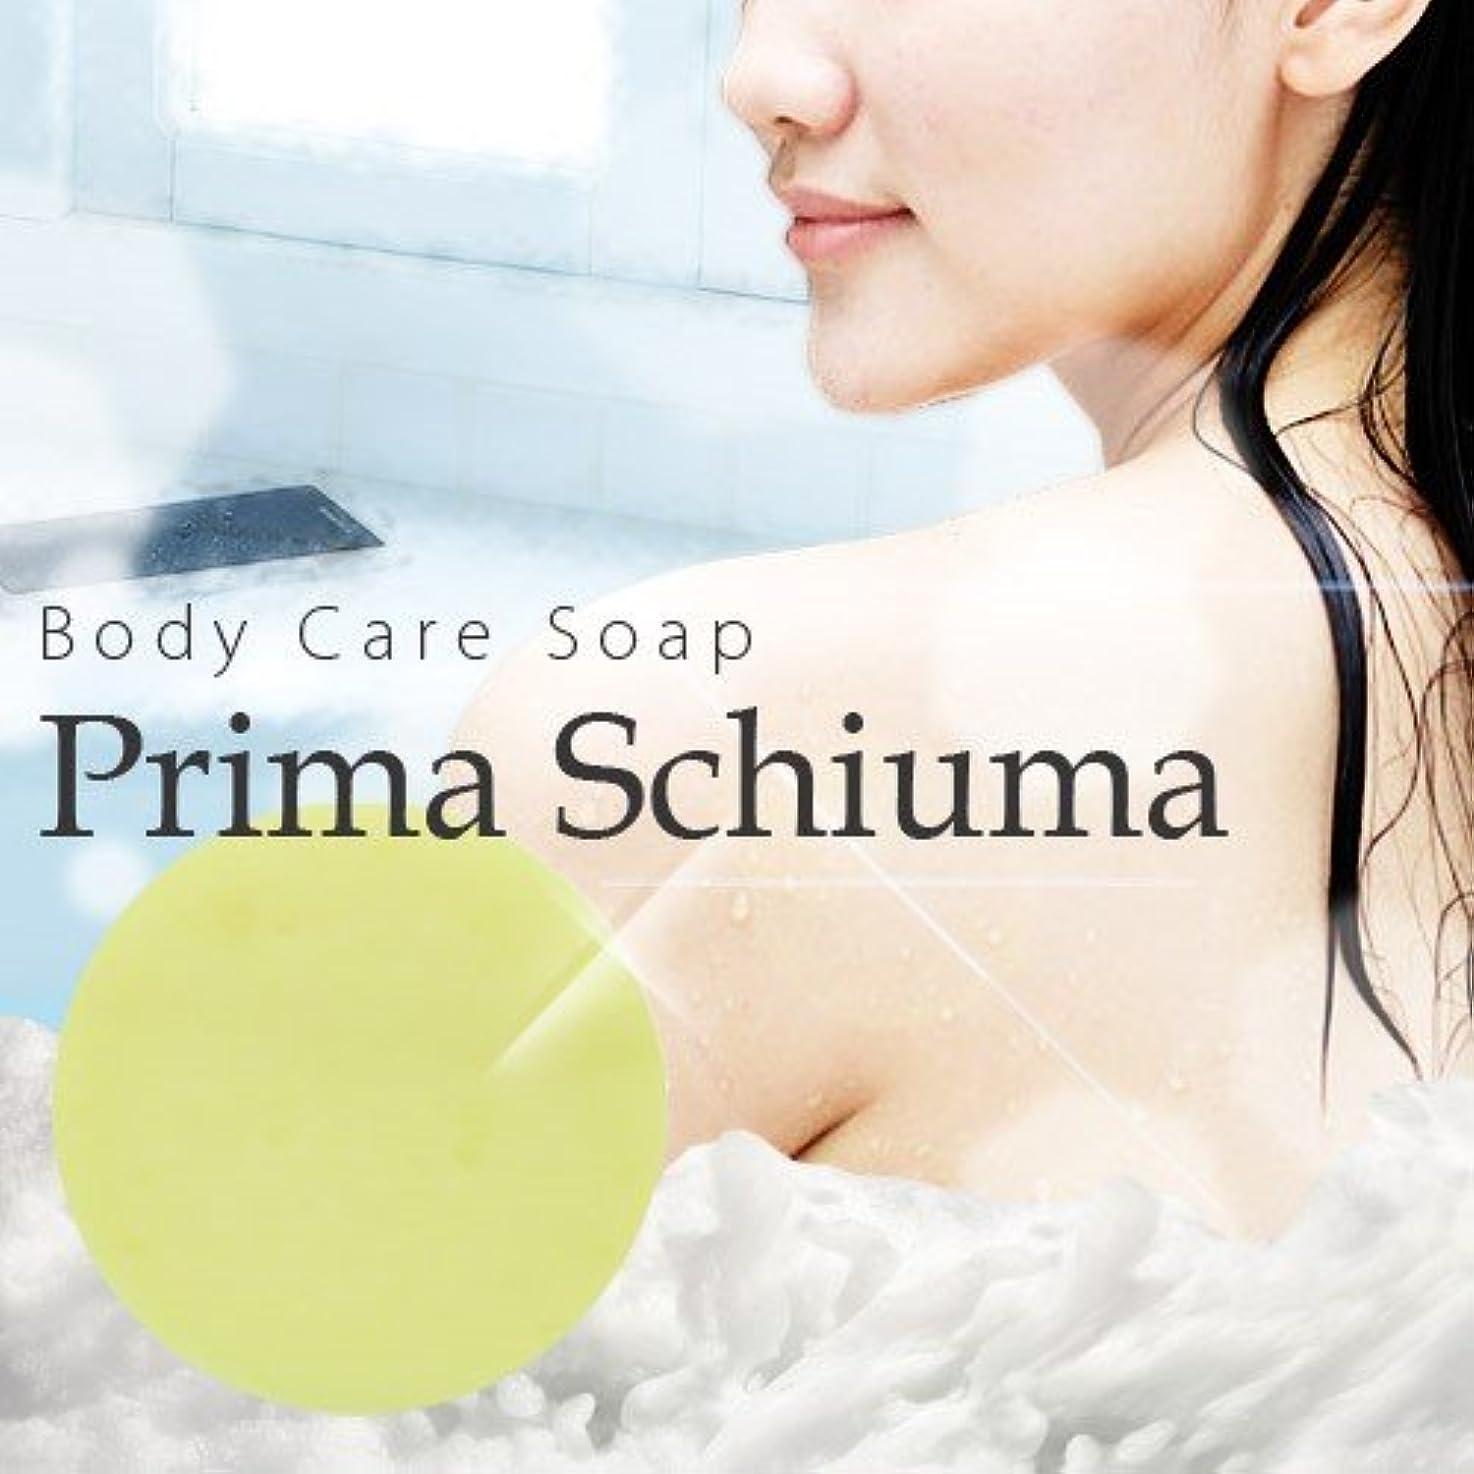 コンサルタント識別投資Prima Schiuma(プリマスキューマ)